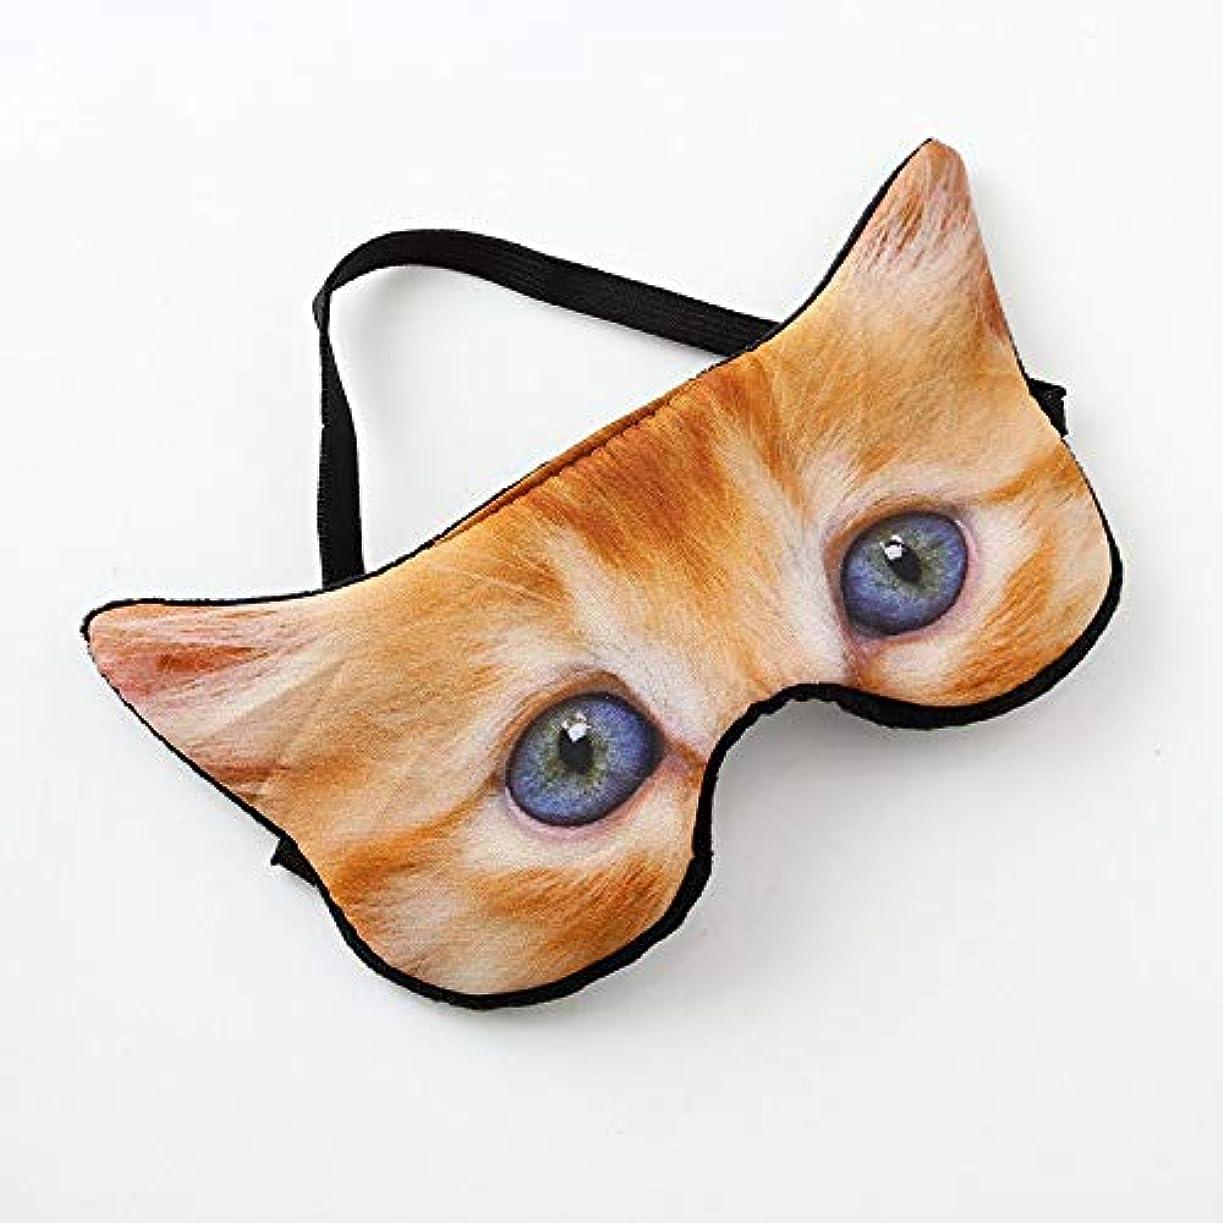 居眠りする盟主魅力NOTE 3d動物漫画アイマスク用睡眠現実的なソフト目隠しクリエイティブタイガーパグ猫アイパッチシェーディングアイシェードカバー調整可能